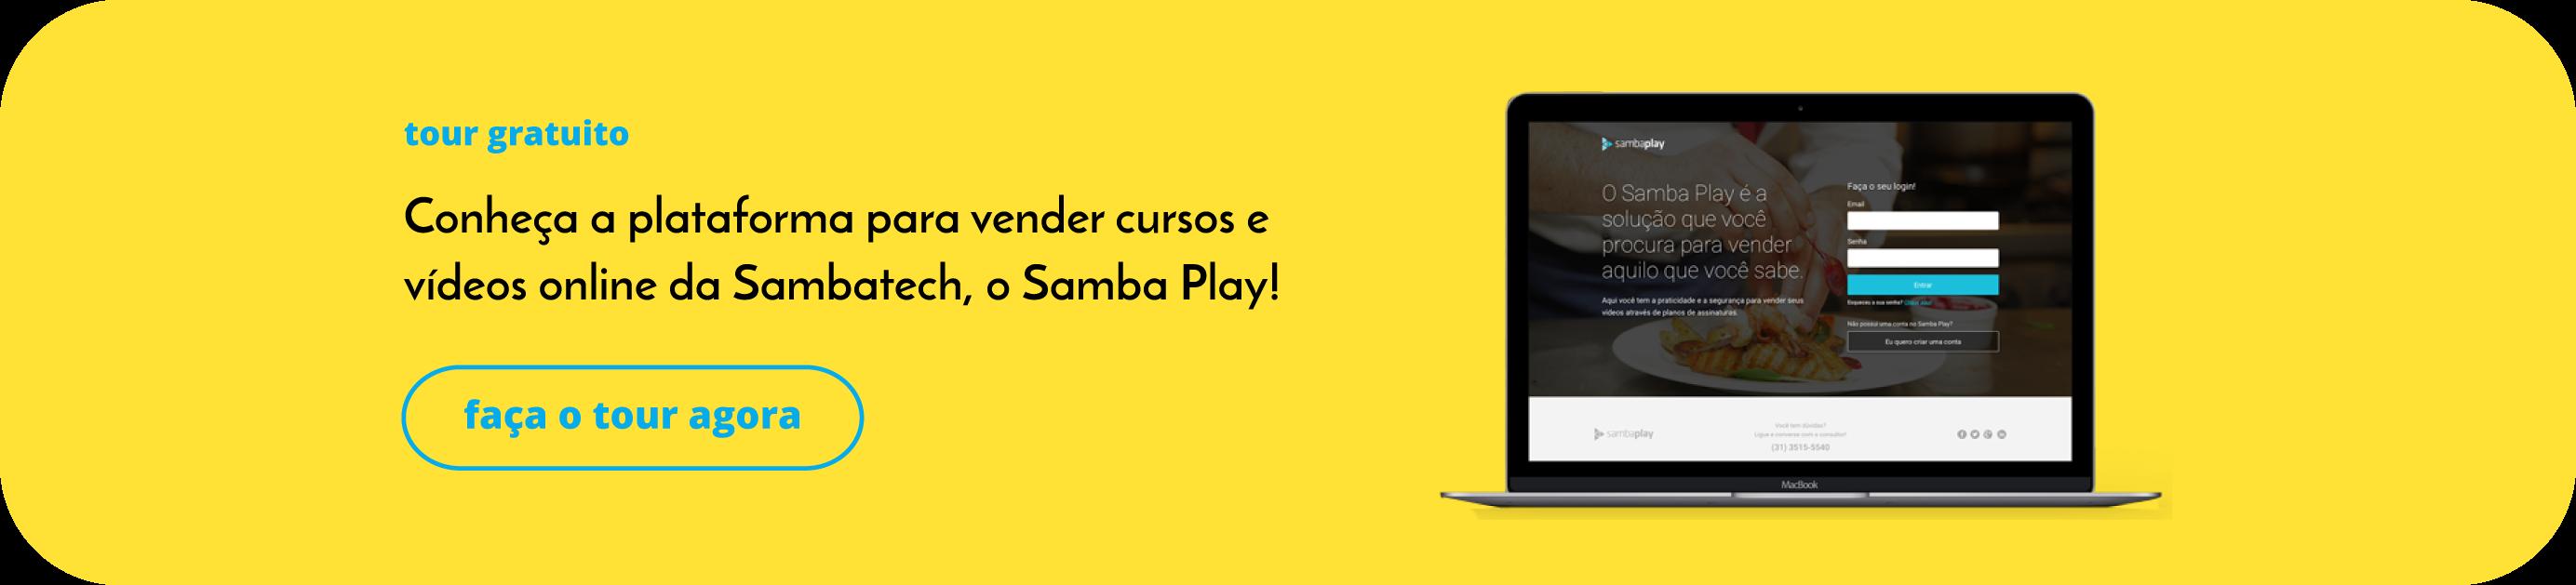 Tour Gratuito Samba Play